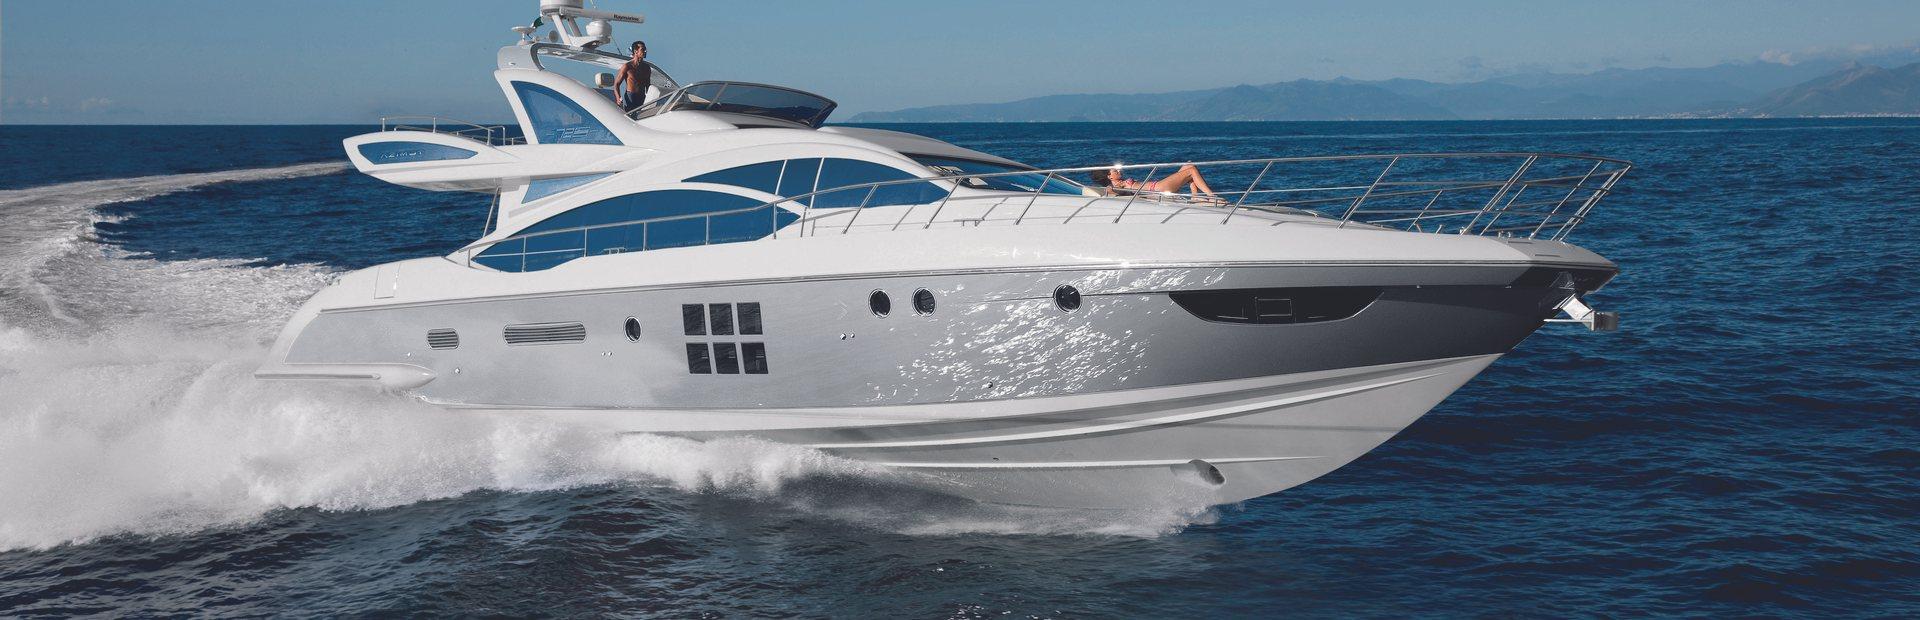 Azimut 72S Yacht Charter